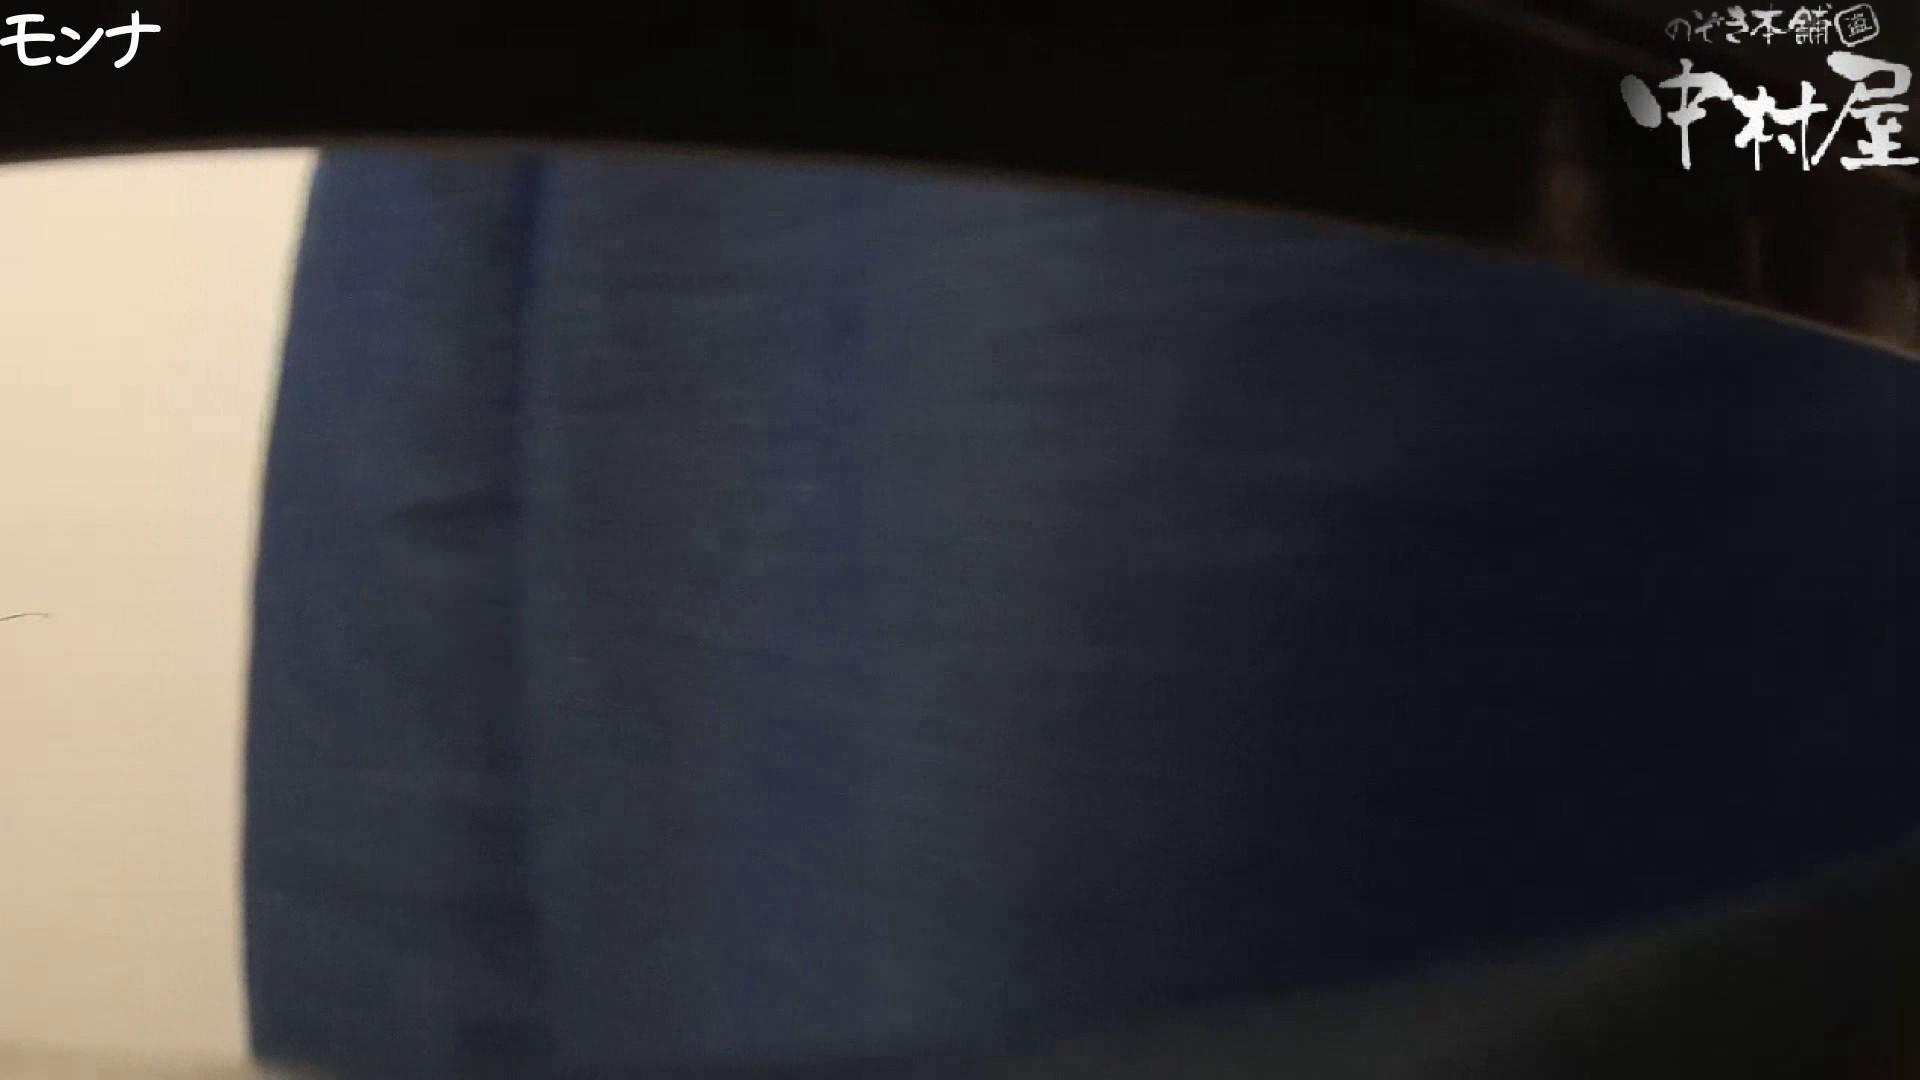 有名大学女性洗面所 vol.66 清楚系女子をがっつり!! 洗面所 セックス画像 113pic 87